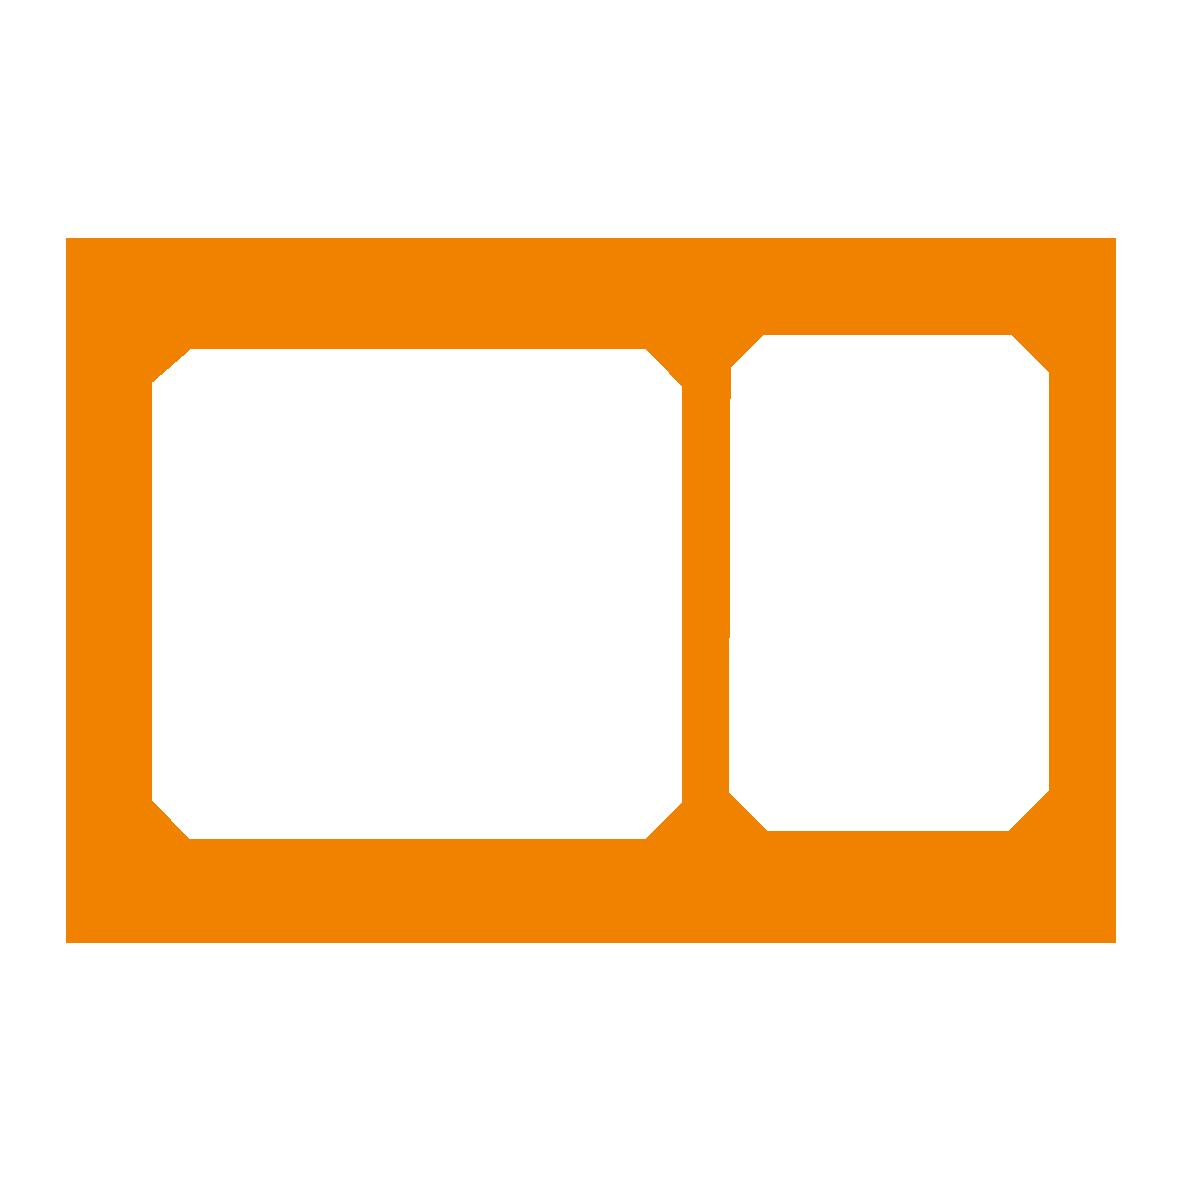 e世博app_E世博下载APP_e世博手机版首页图标-03